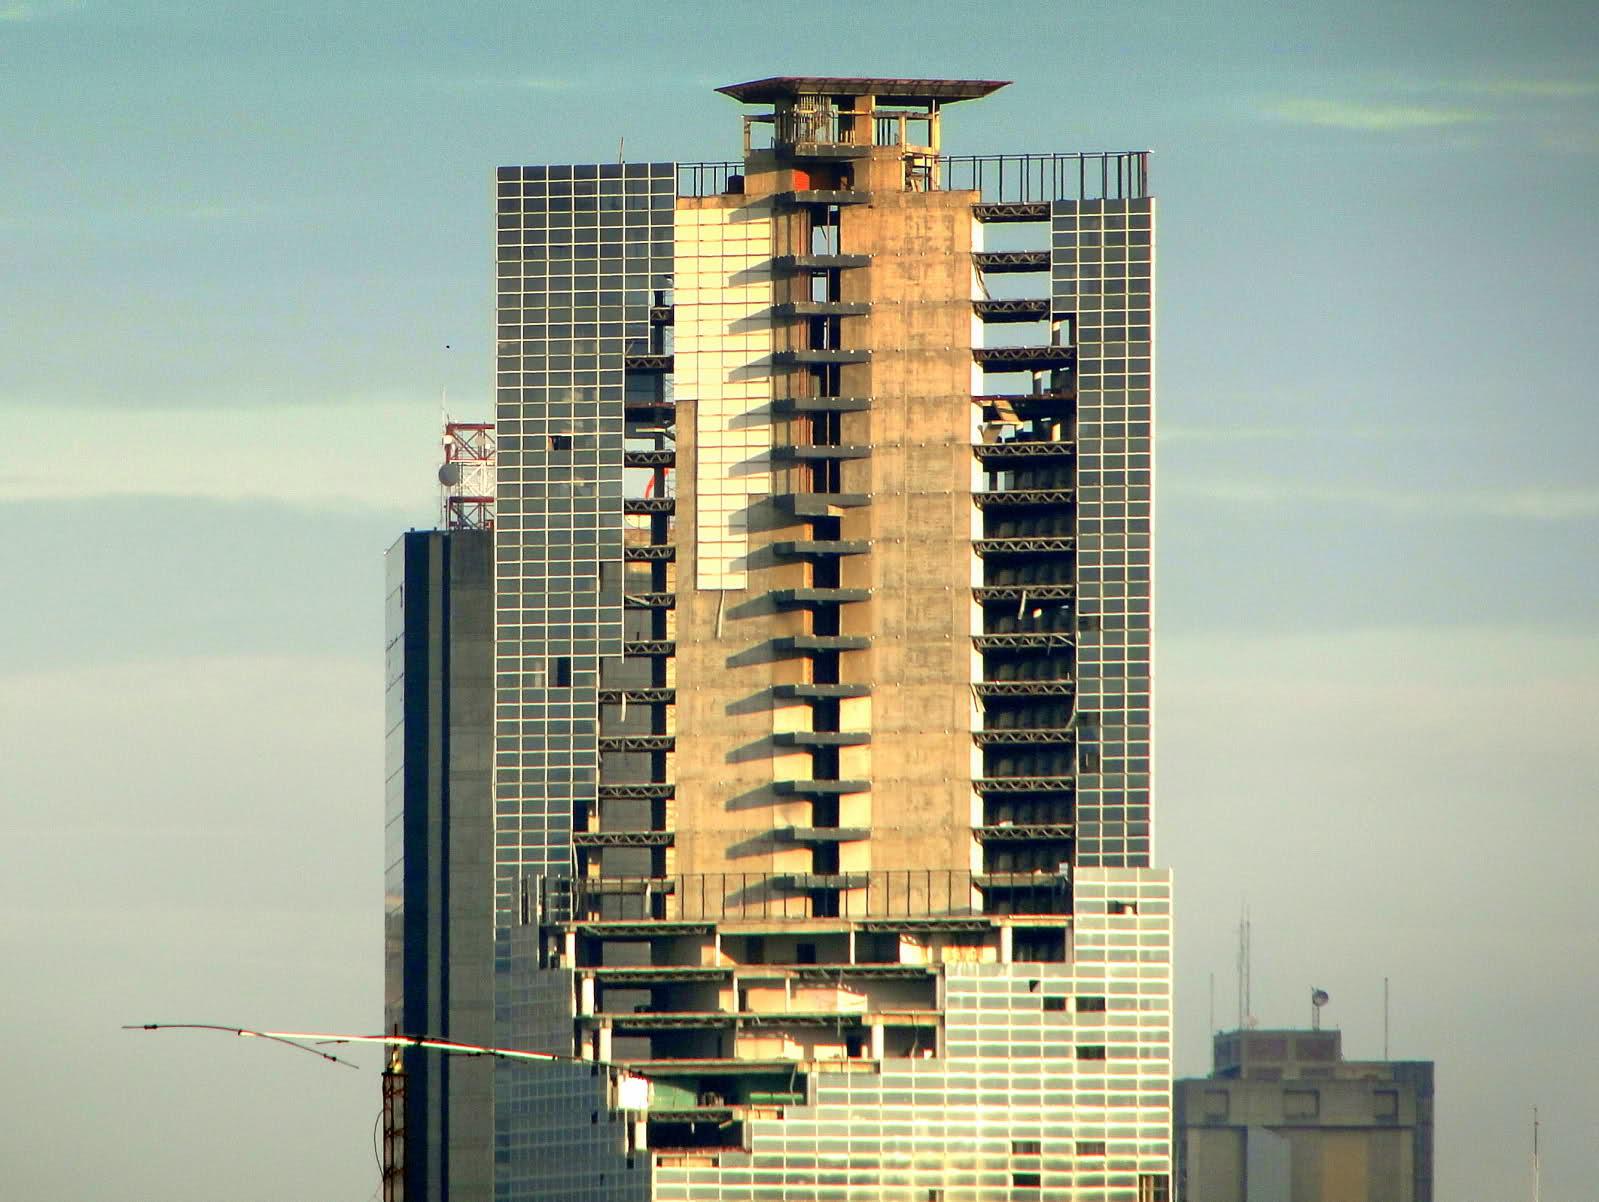 skyscraperabandoned